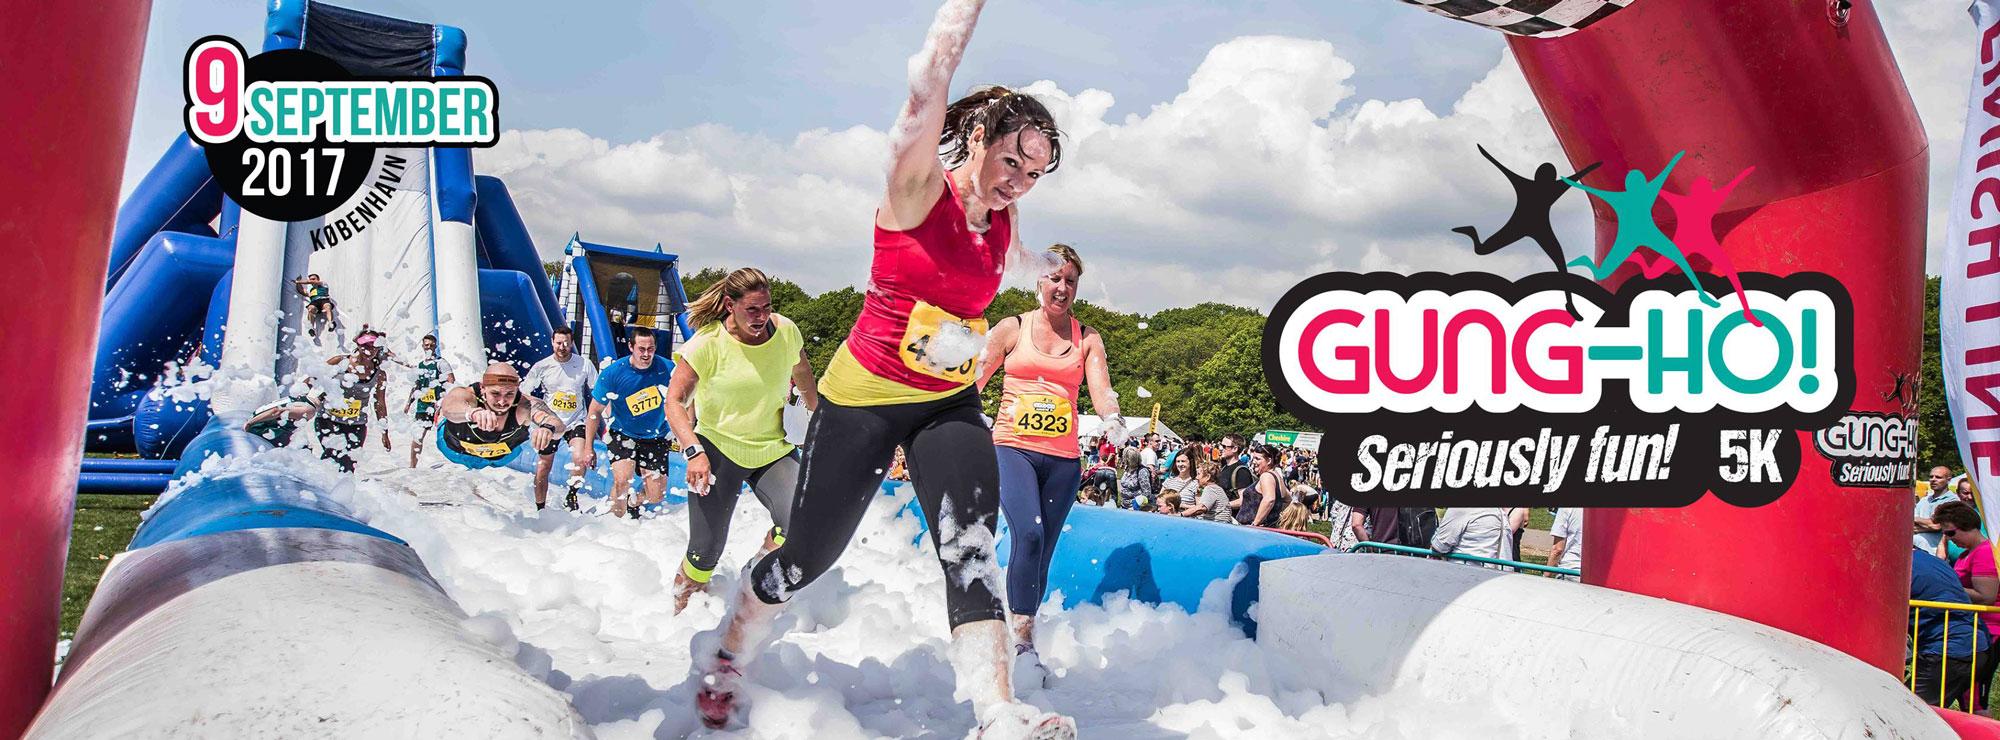 Gung Ho København Sportpicture